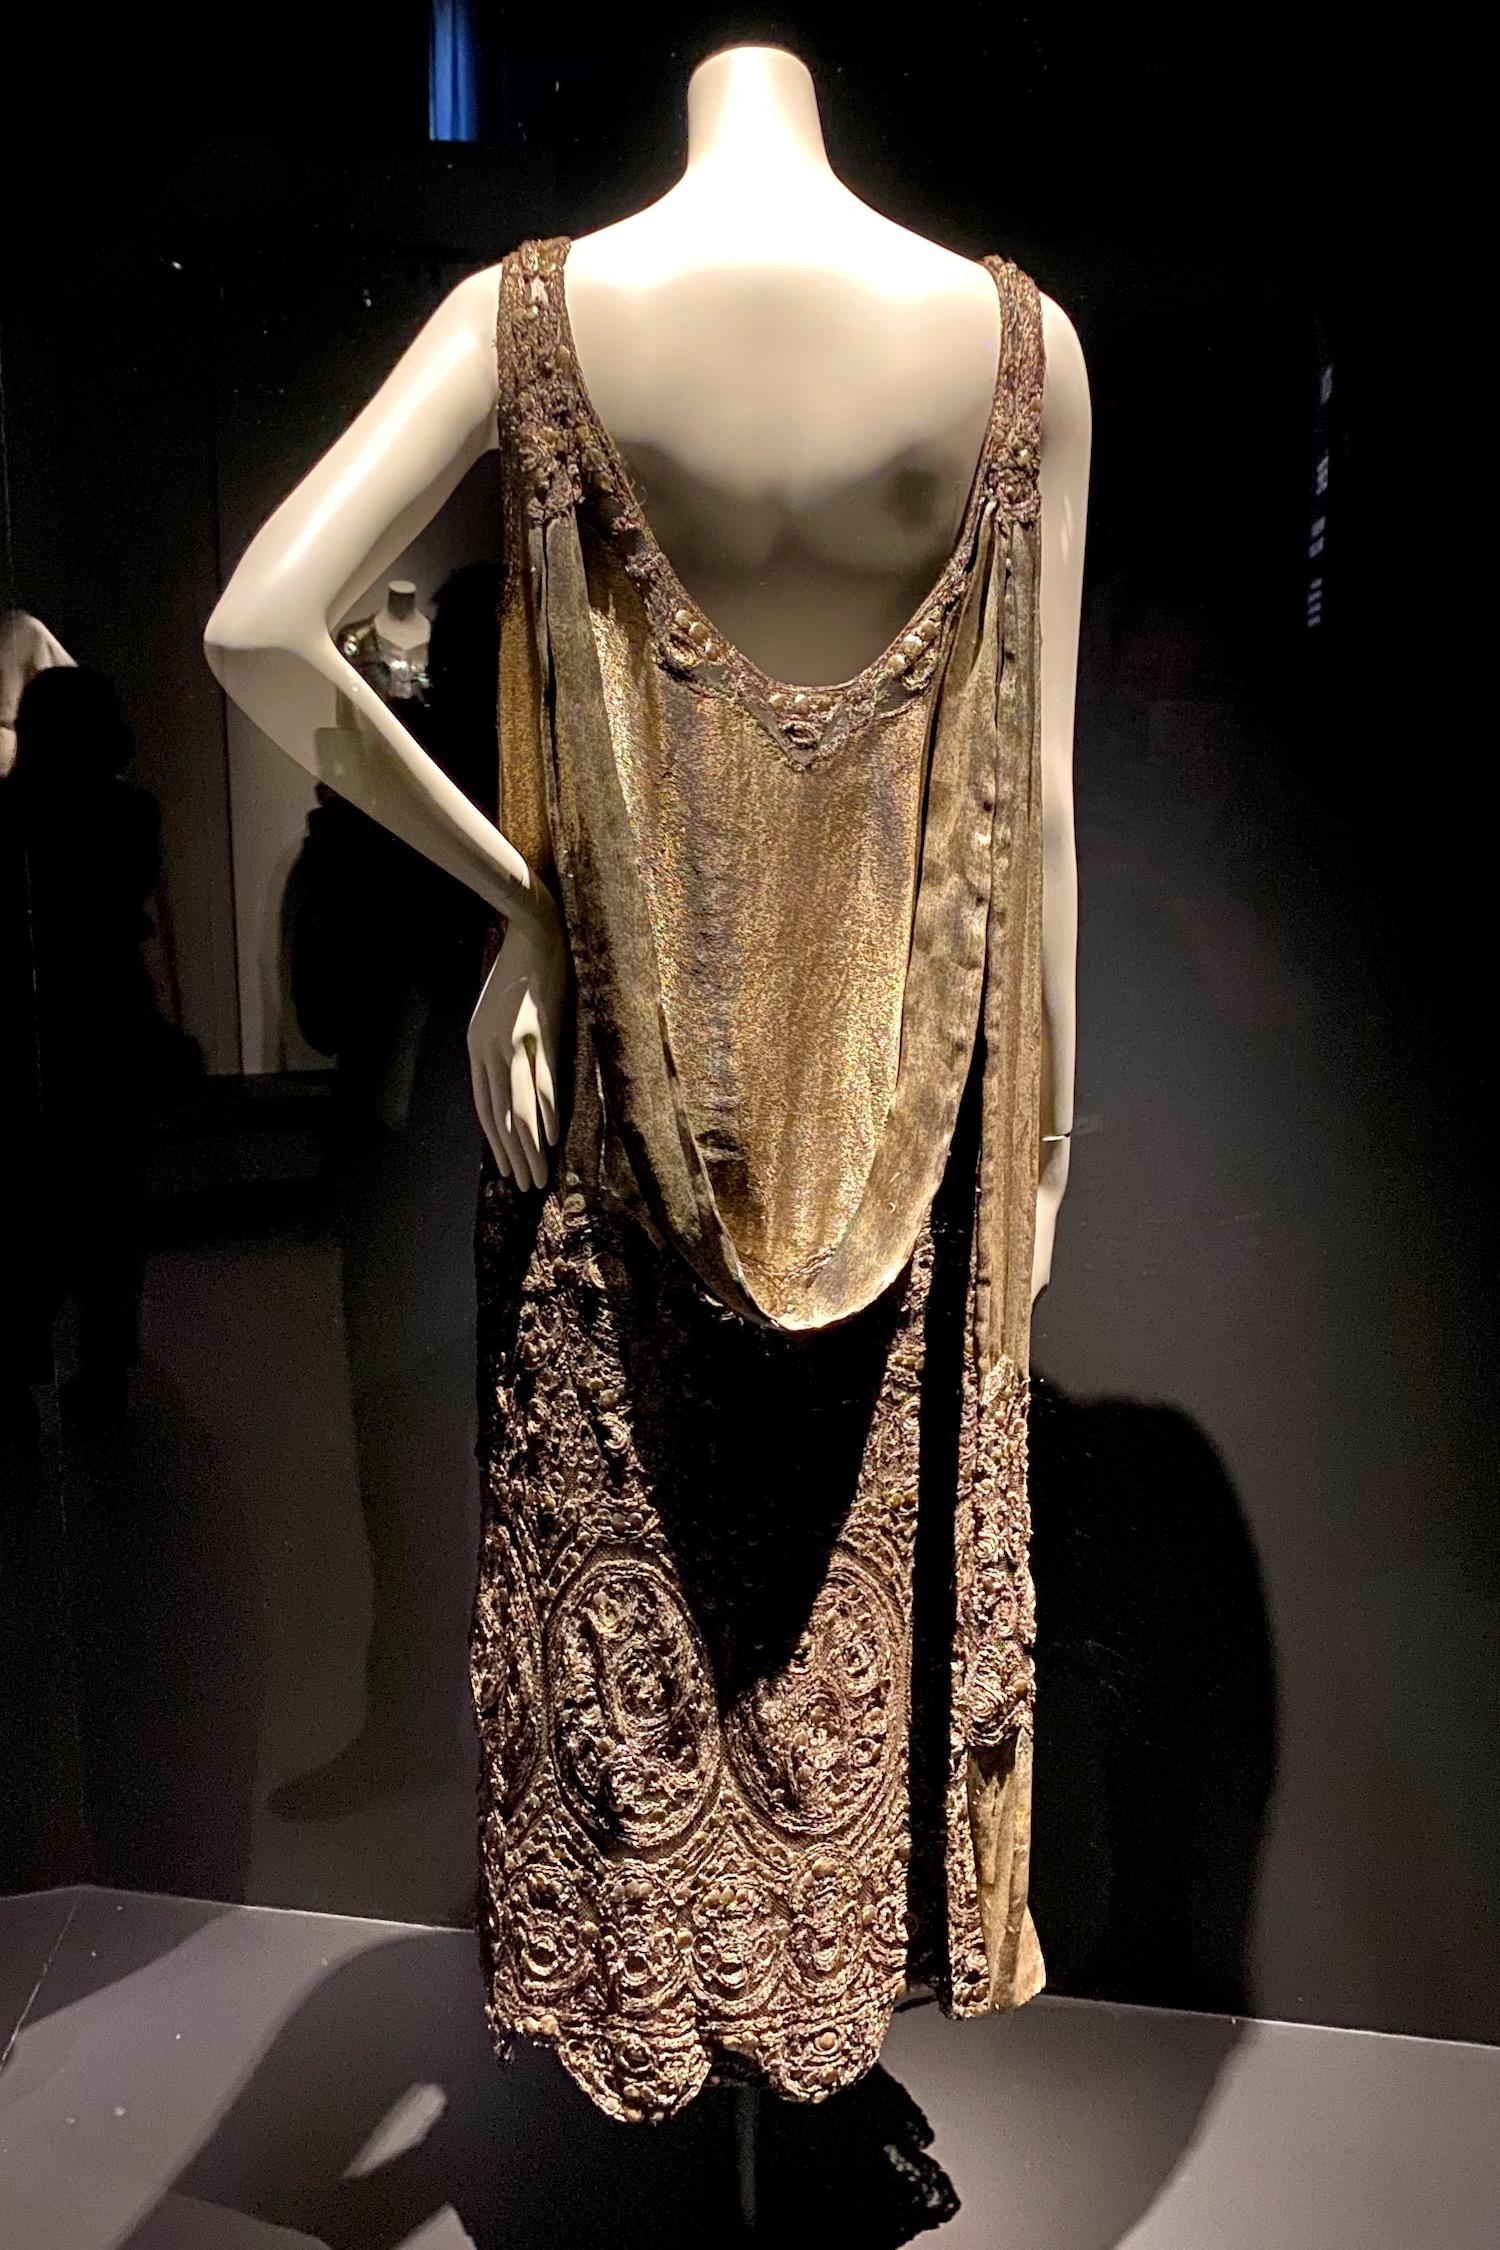 gold gown Gabrielle Chanel Fashion Manifesto exhibit